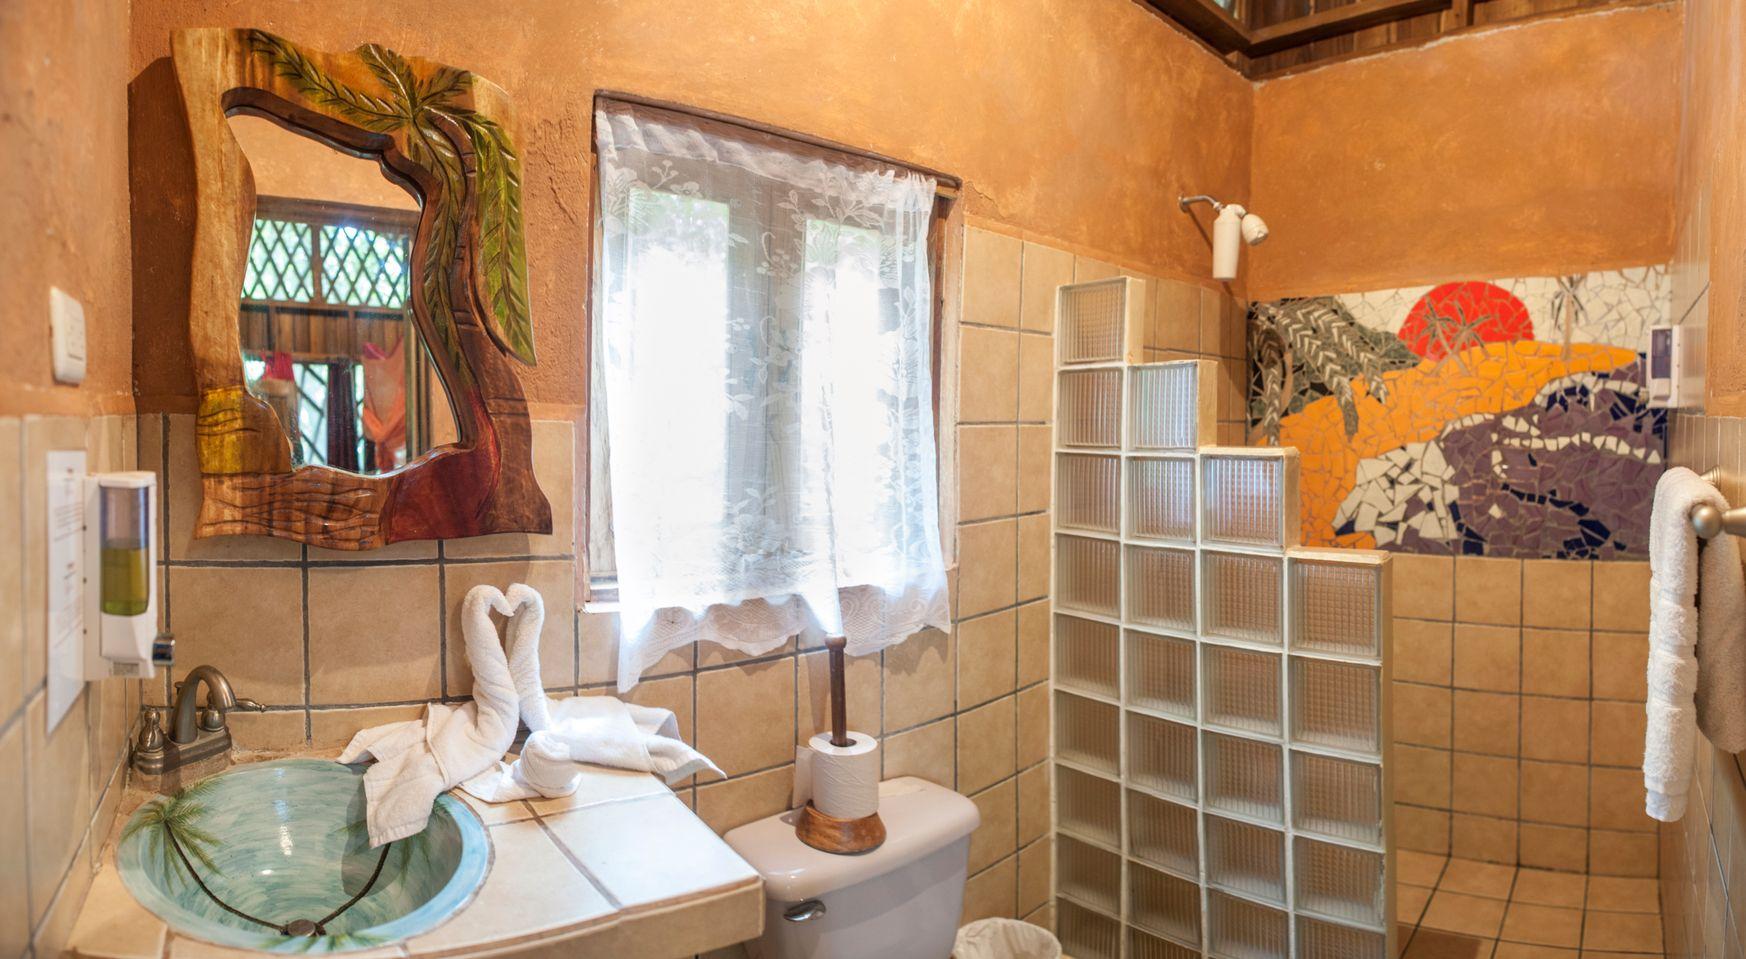 Bungalow Bathroom.jpeg